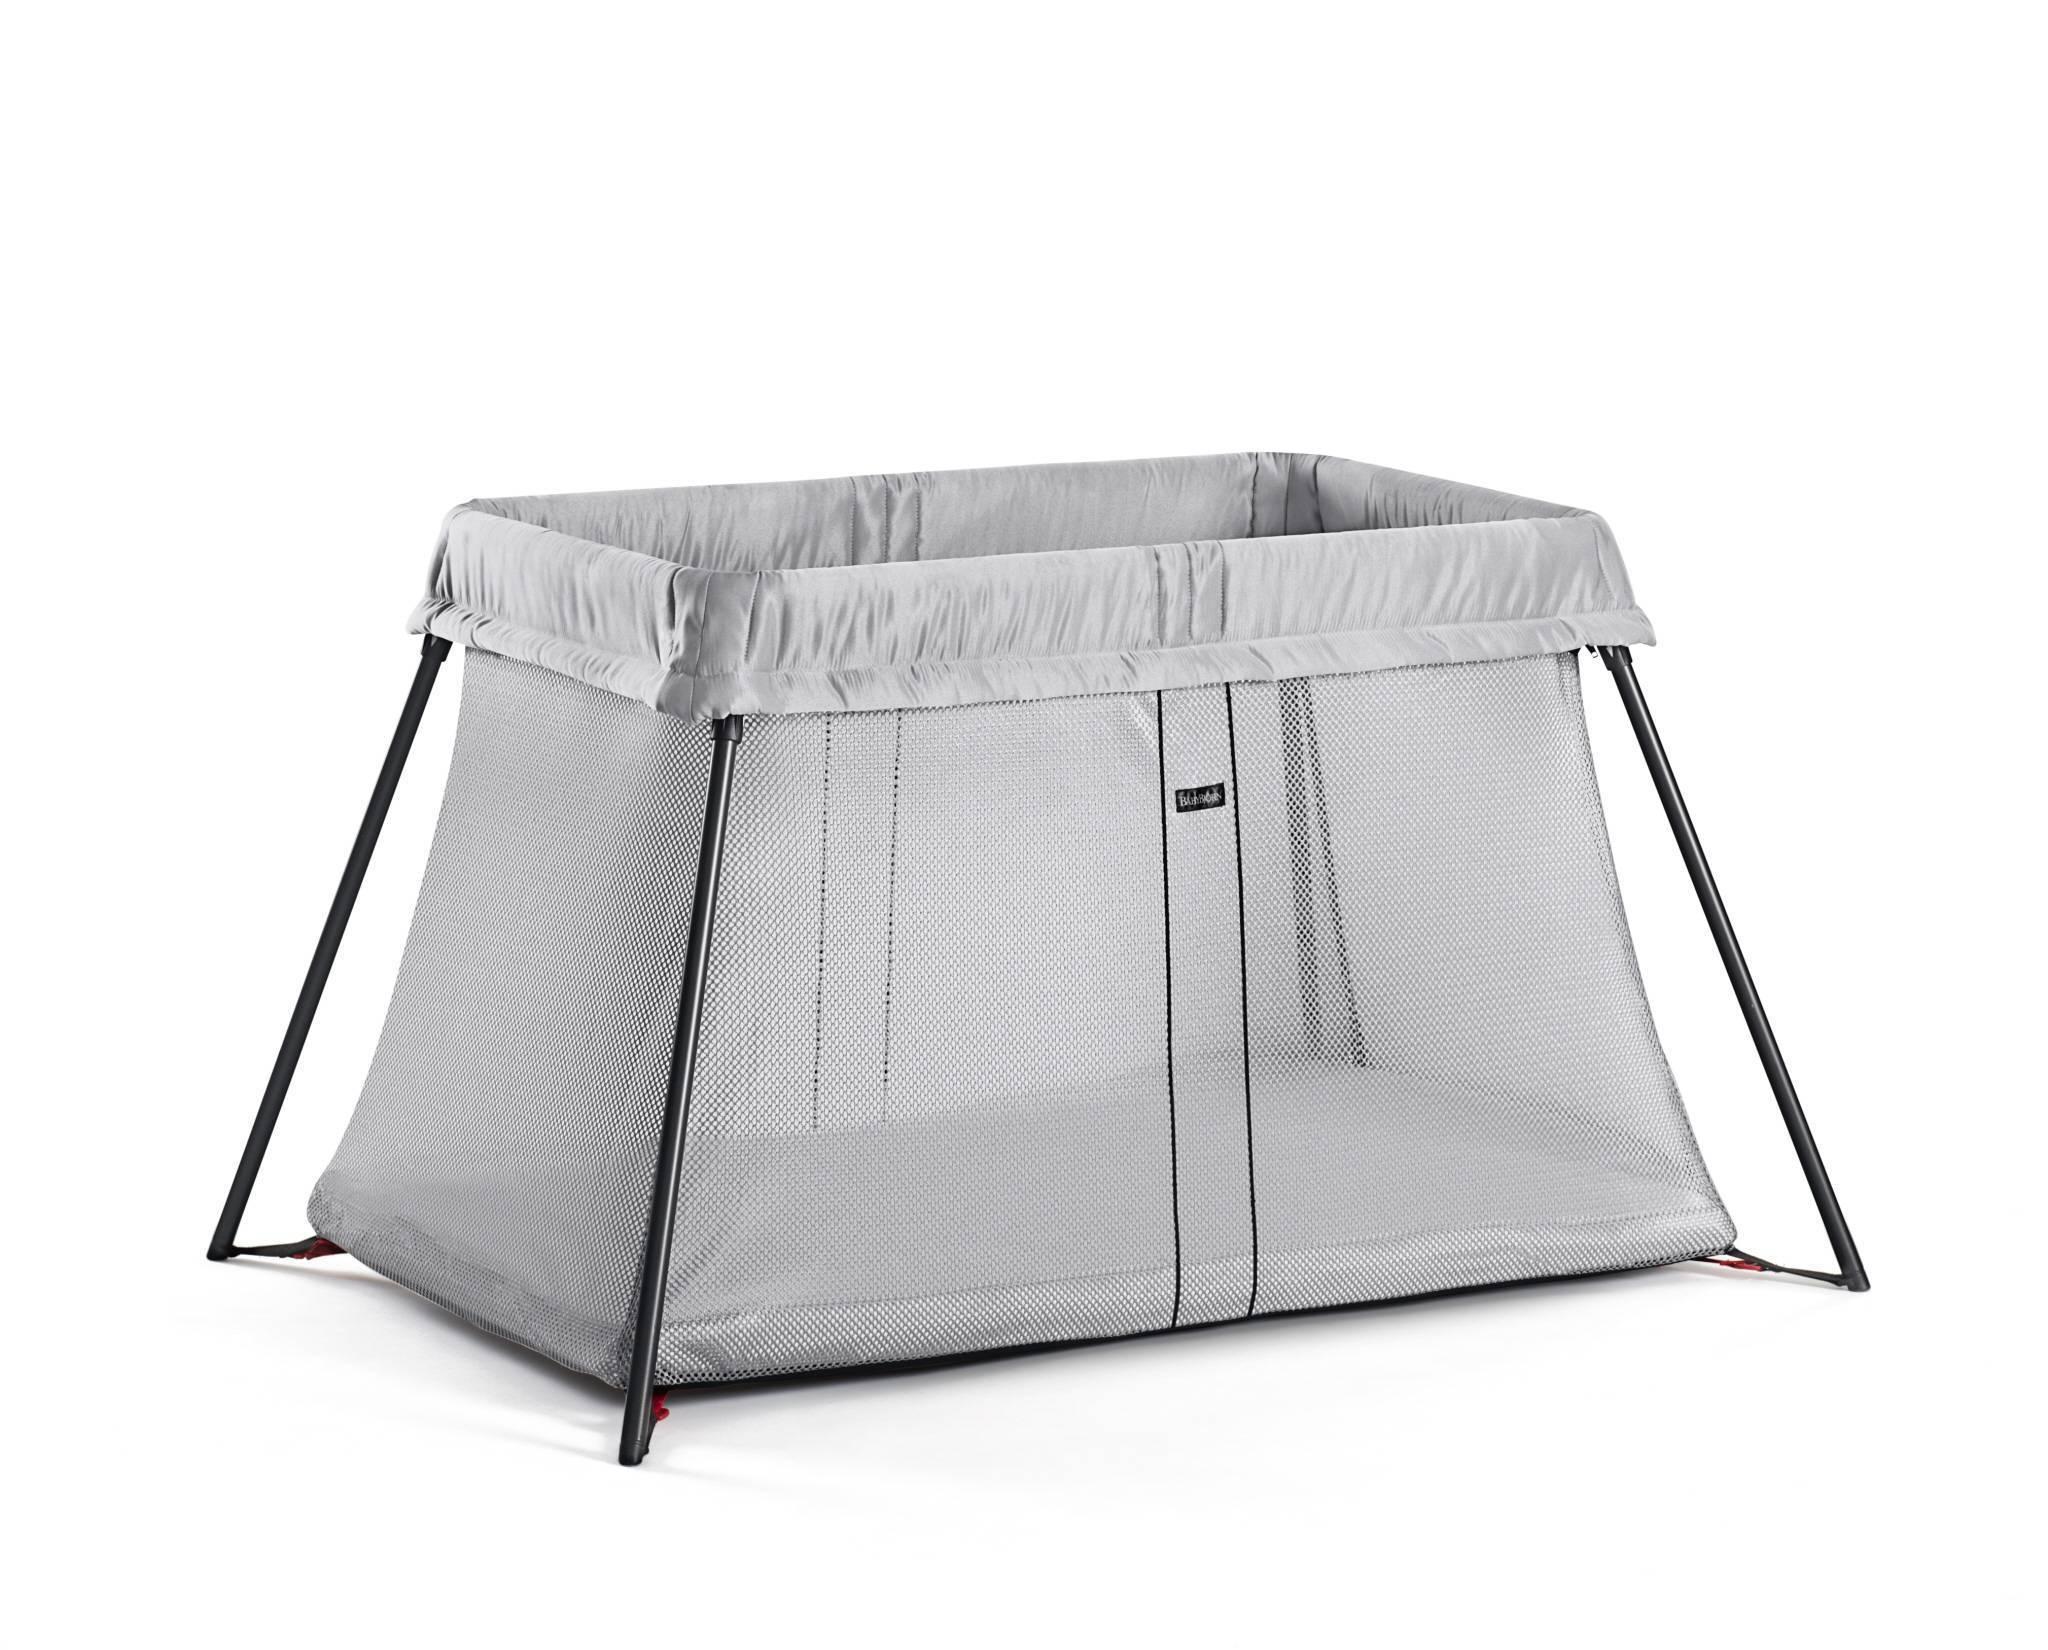 Concours le lit light babybjorn maman floutch blog pour mamans parents de jumeaux - Lit parapluie pour jumeaux ...